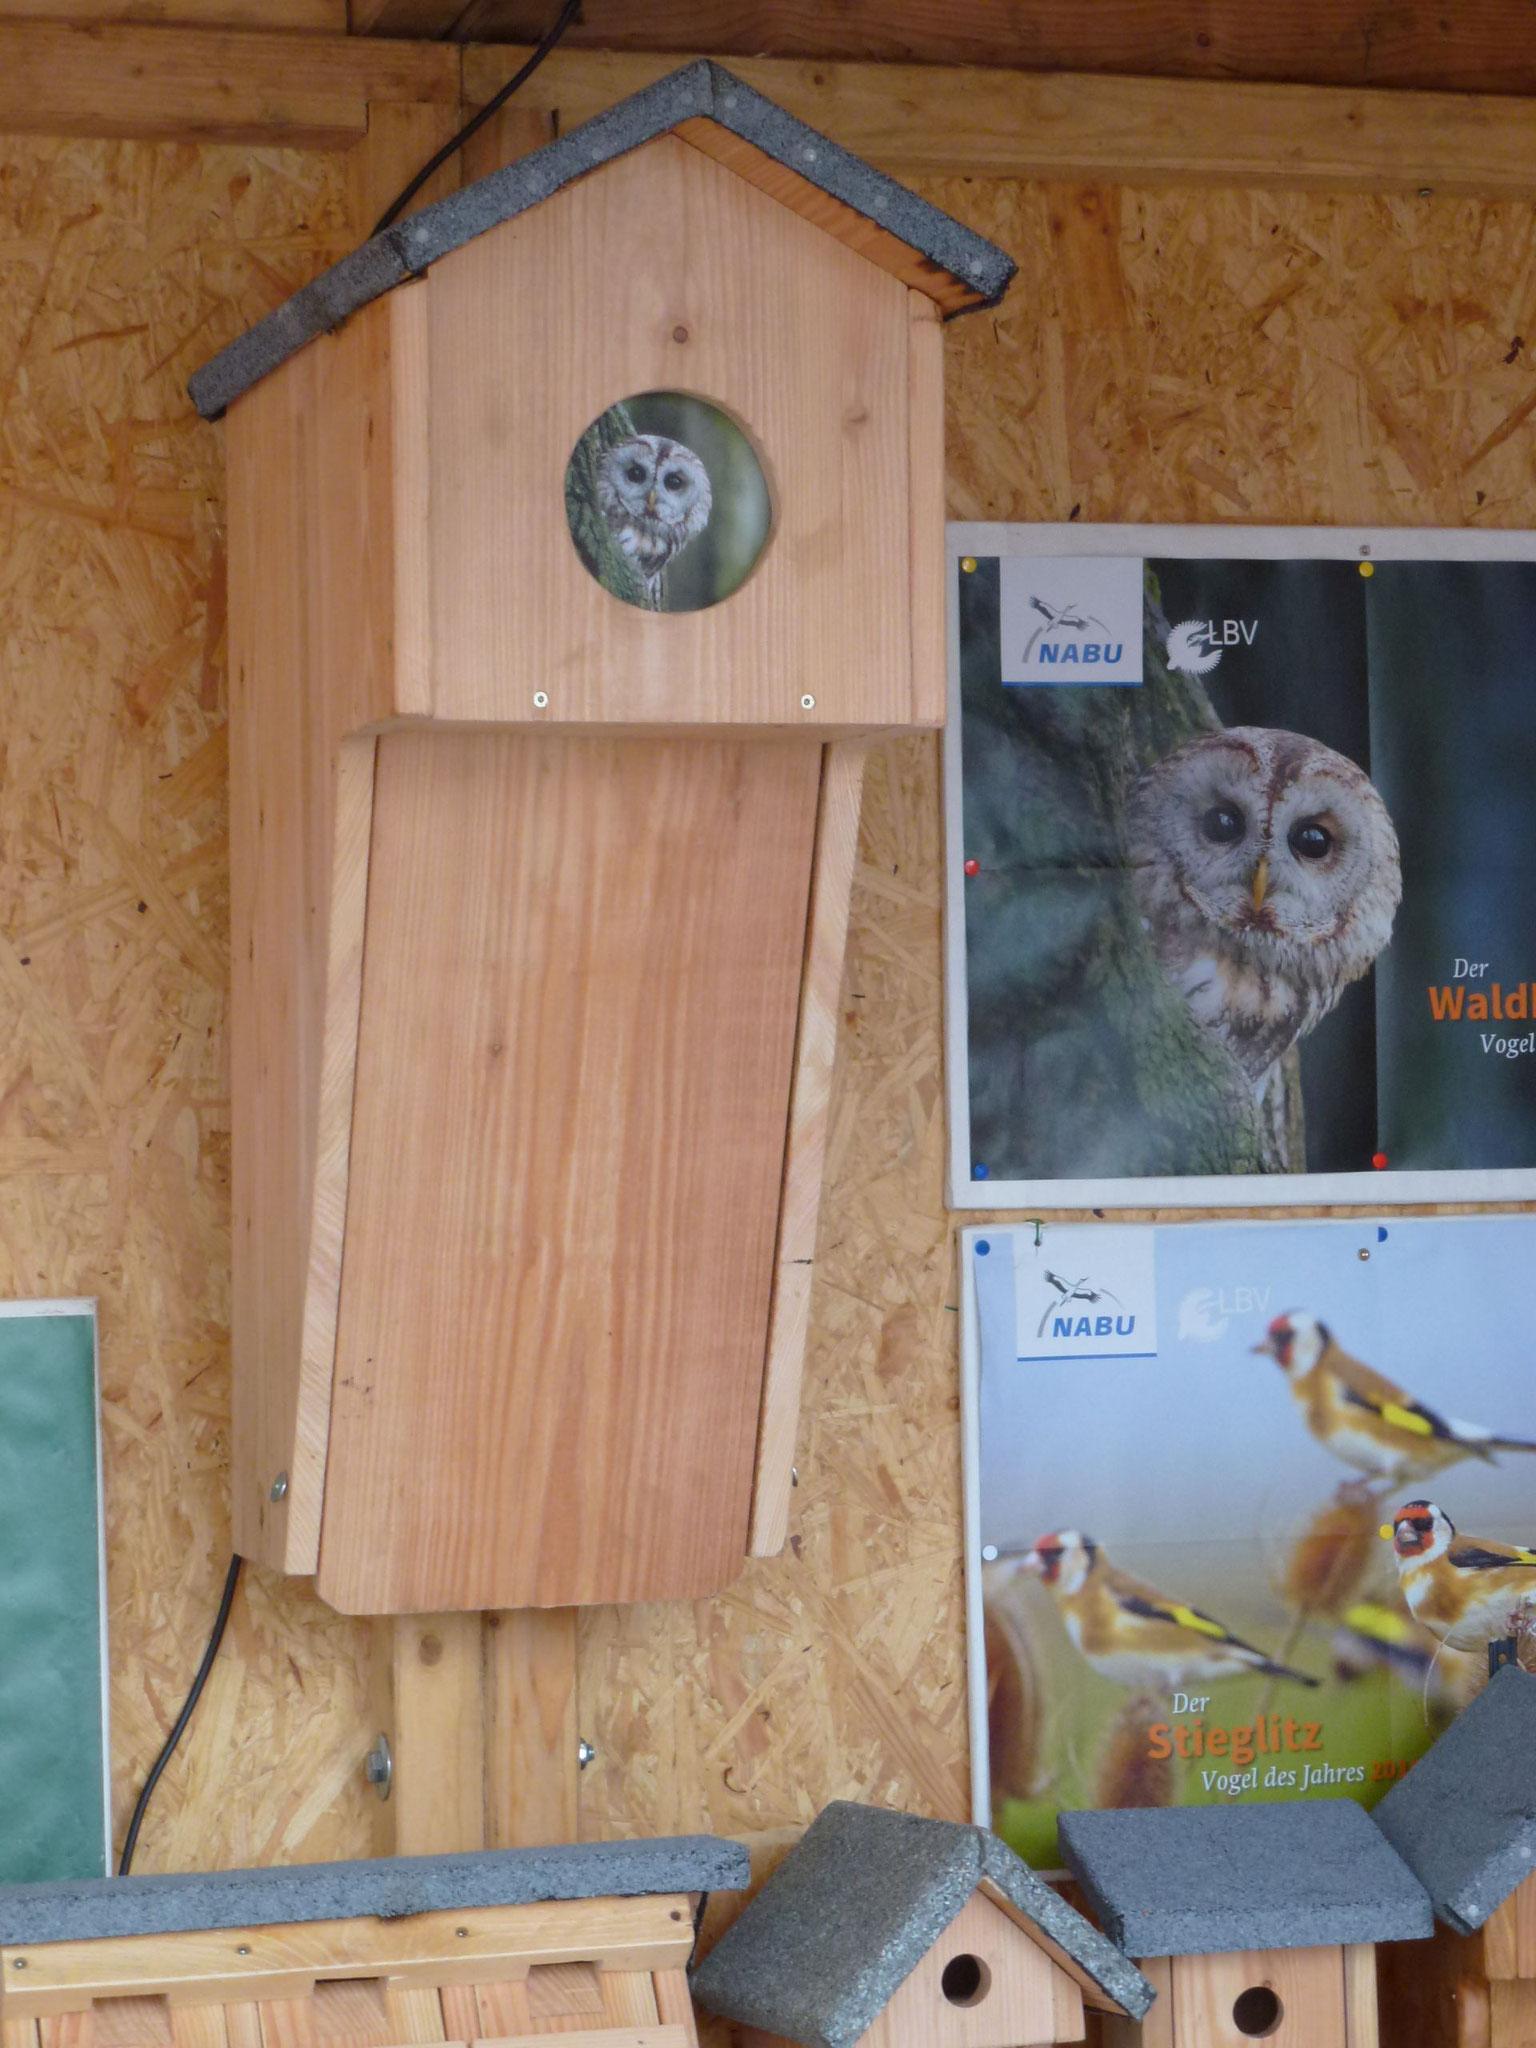 Der Waldkauzkasten (Vogel des Jahres 2017)